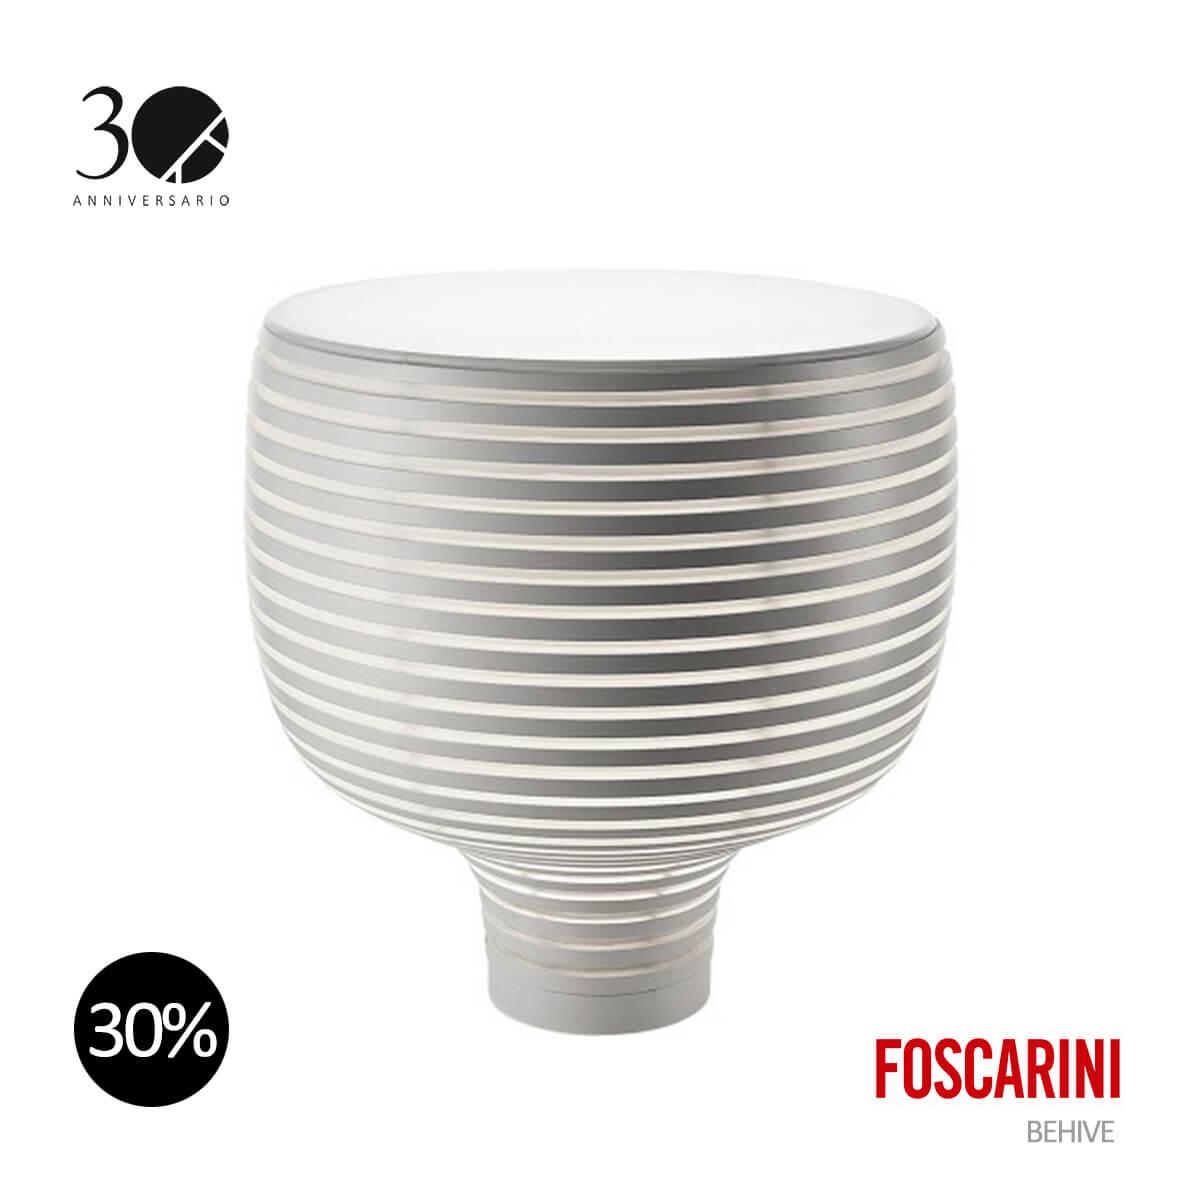 FOSCARINI-BEHIVE